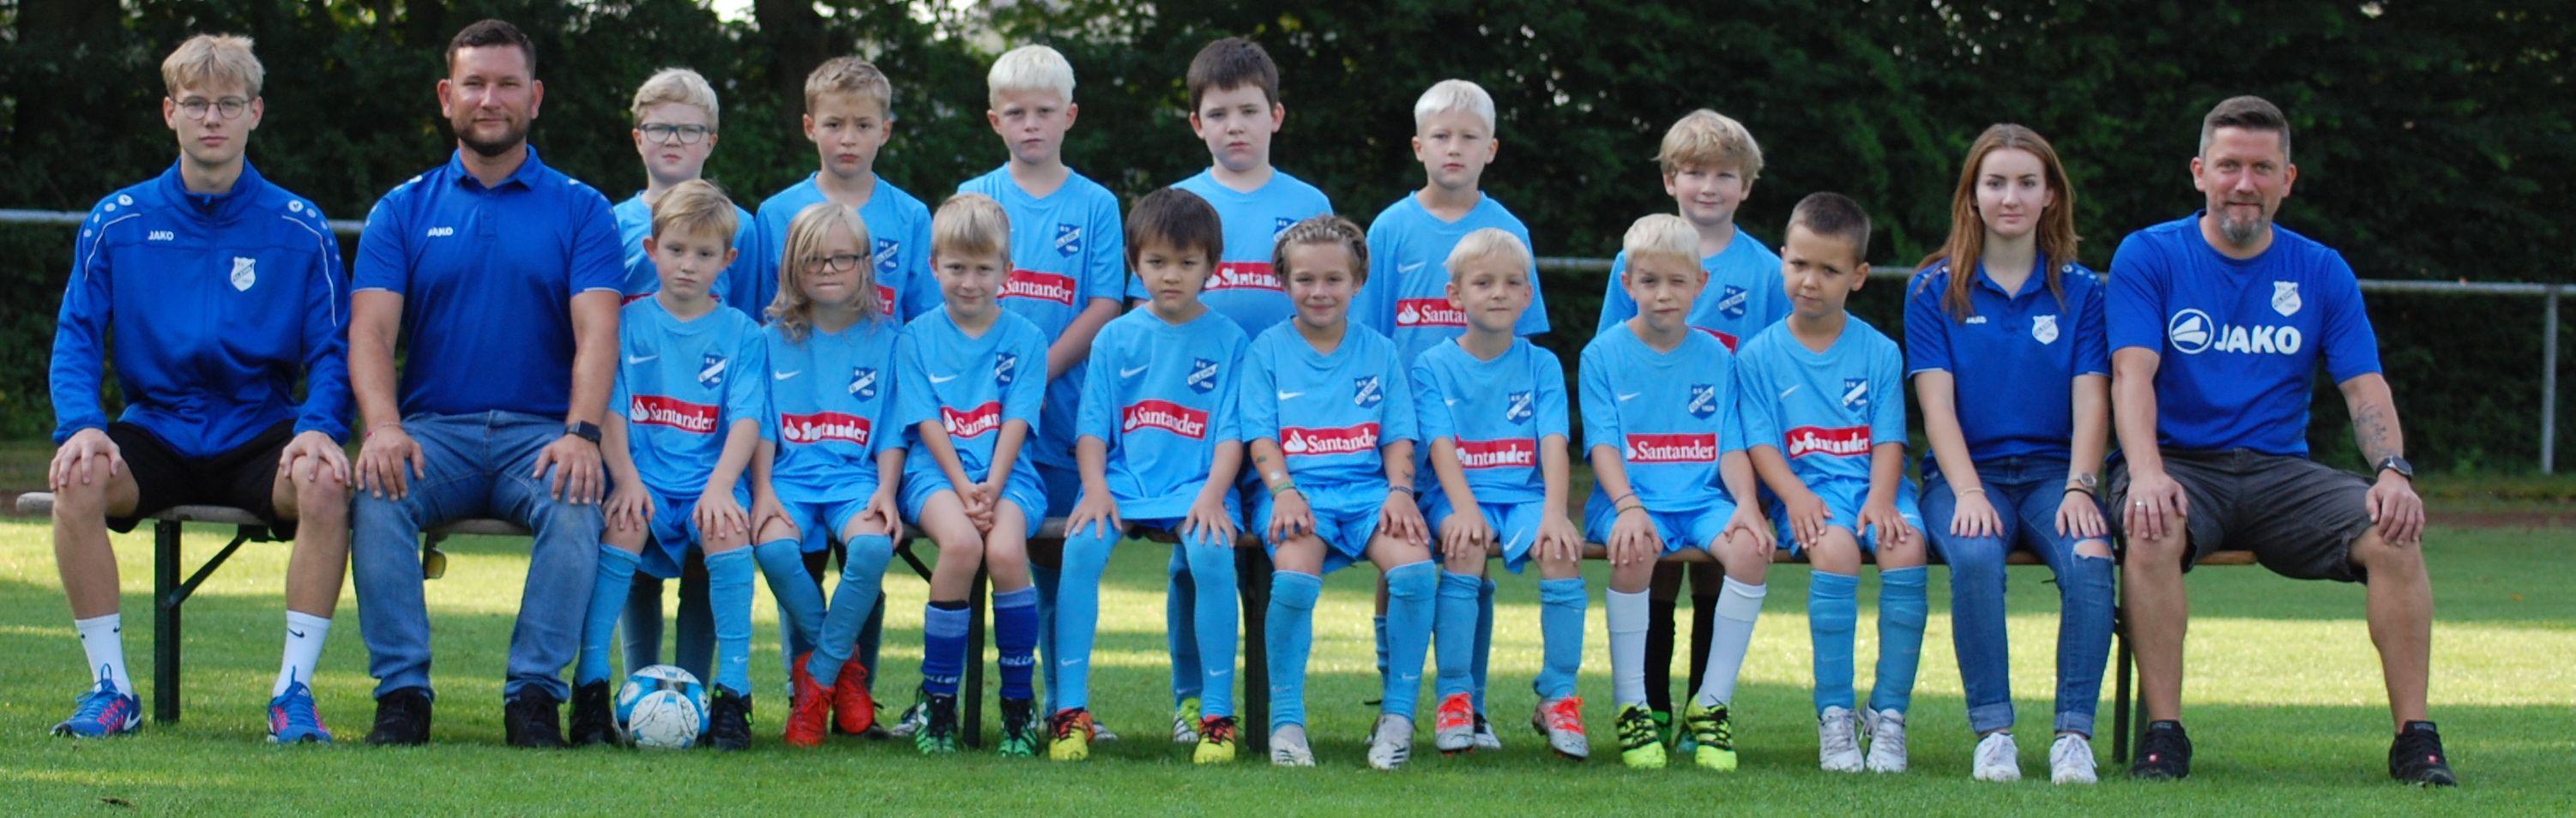 F2-Jugend - Zur Mannschaft